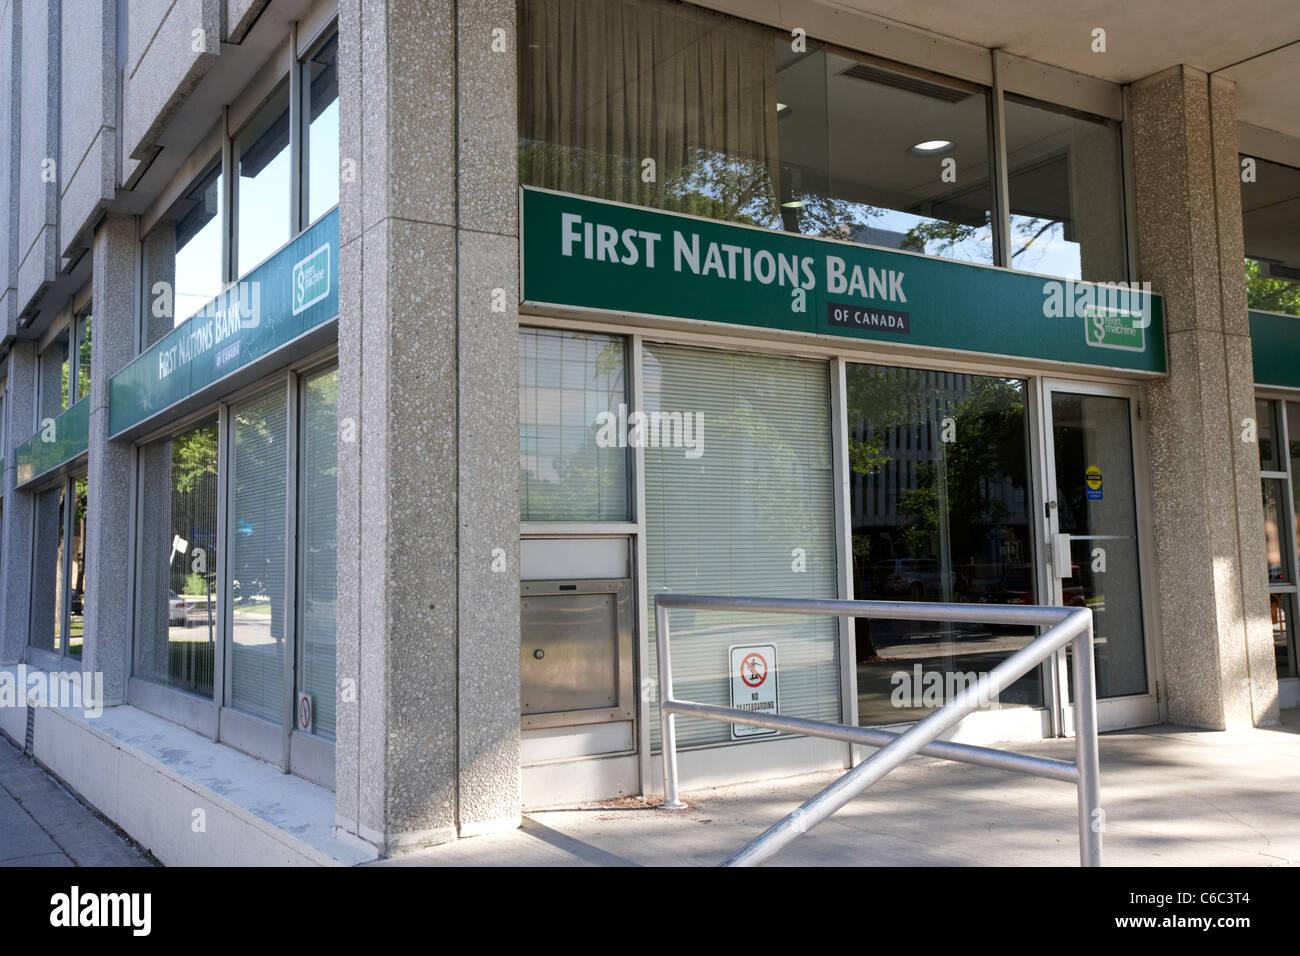 erste Nationen Bank von Kanada Zweig Winnipeg Manitoba Kanada Stockbild